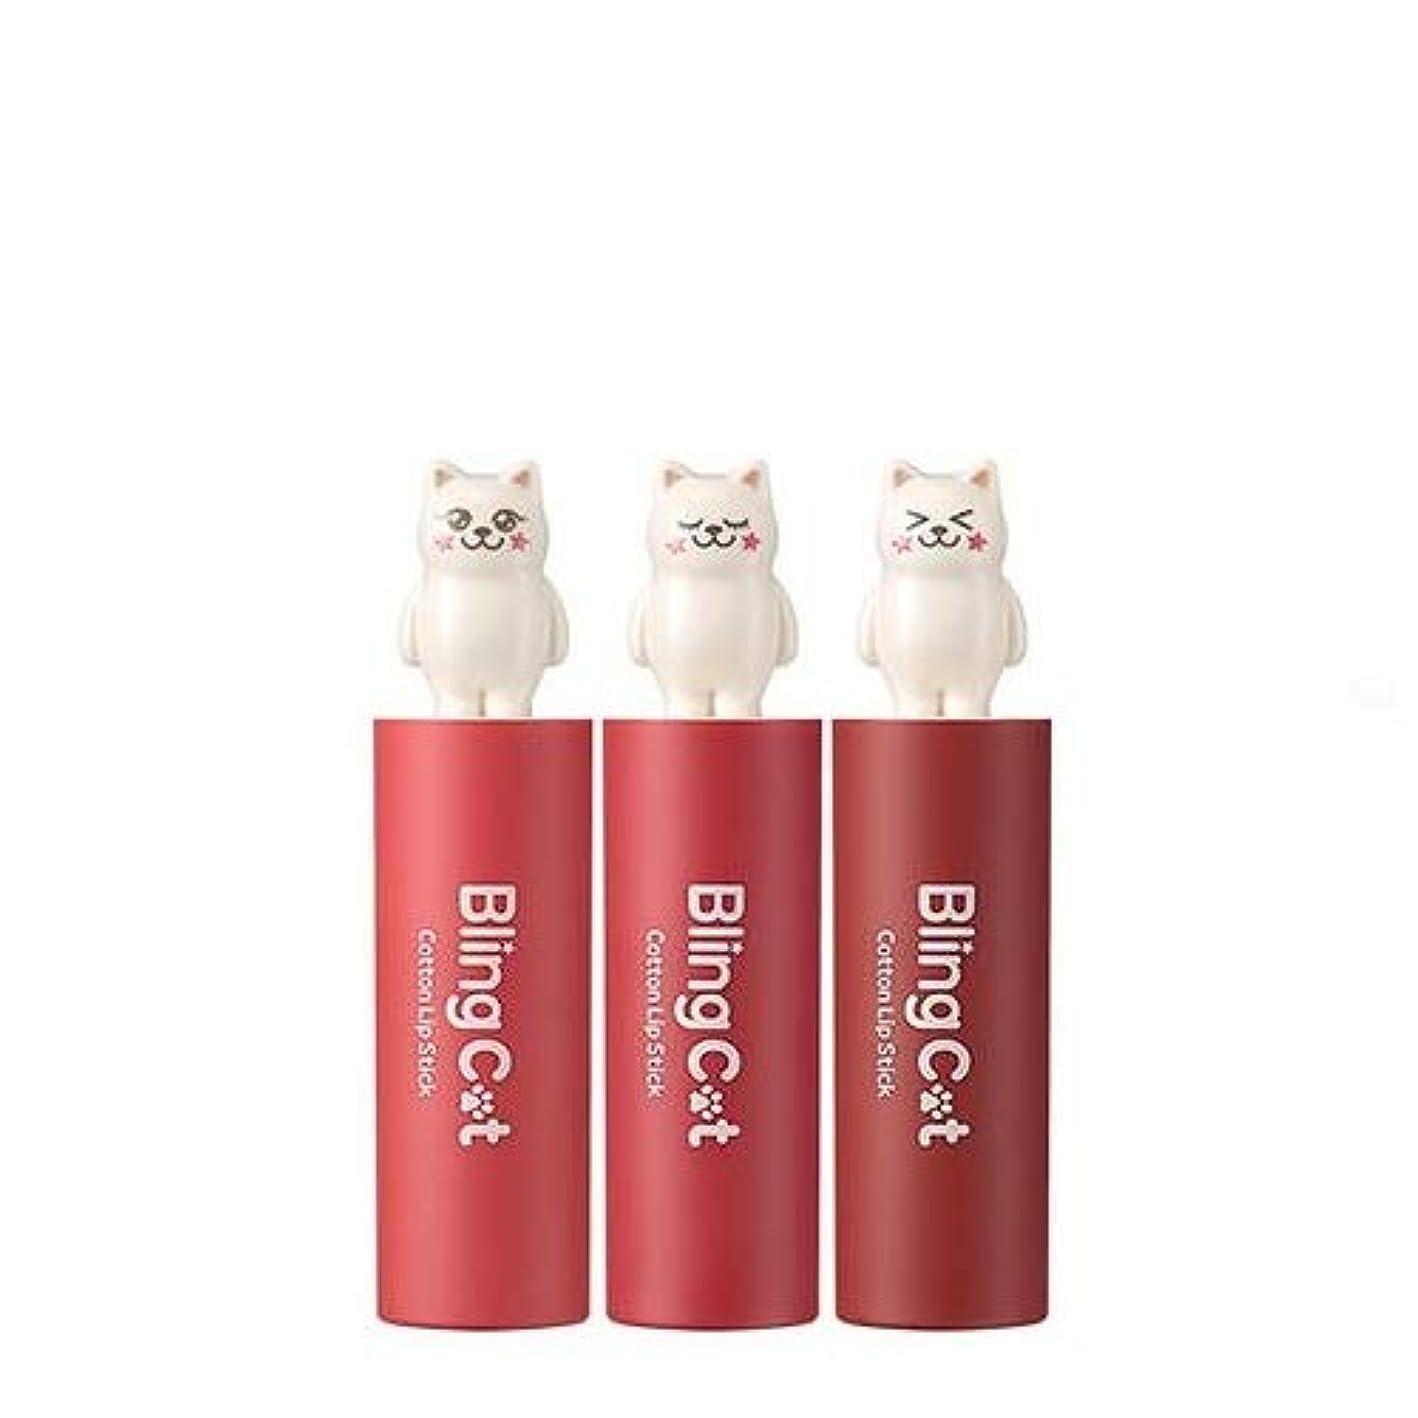 初心者スポンサー毒トニーモリー ブリングキャット コットン リップスティック 3.4g / TONYMOLY Bling Cat Cotton Lipstick # 05. Orange Drop [並行輸入品]